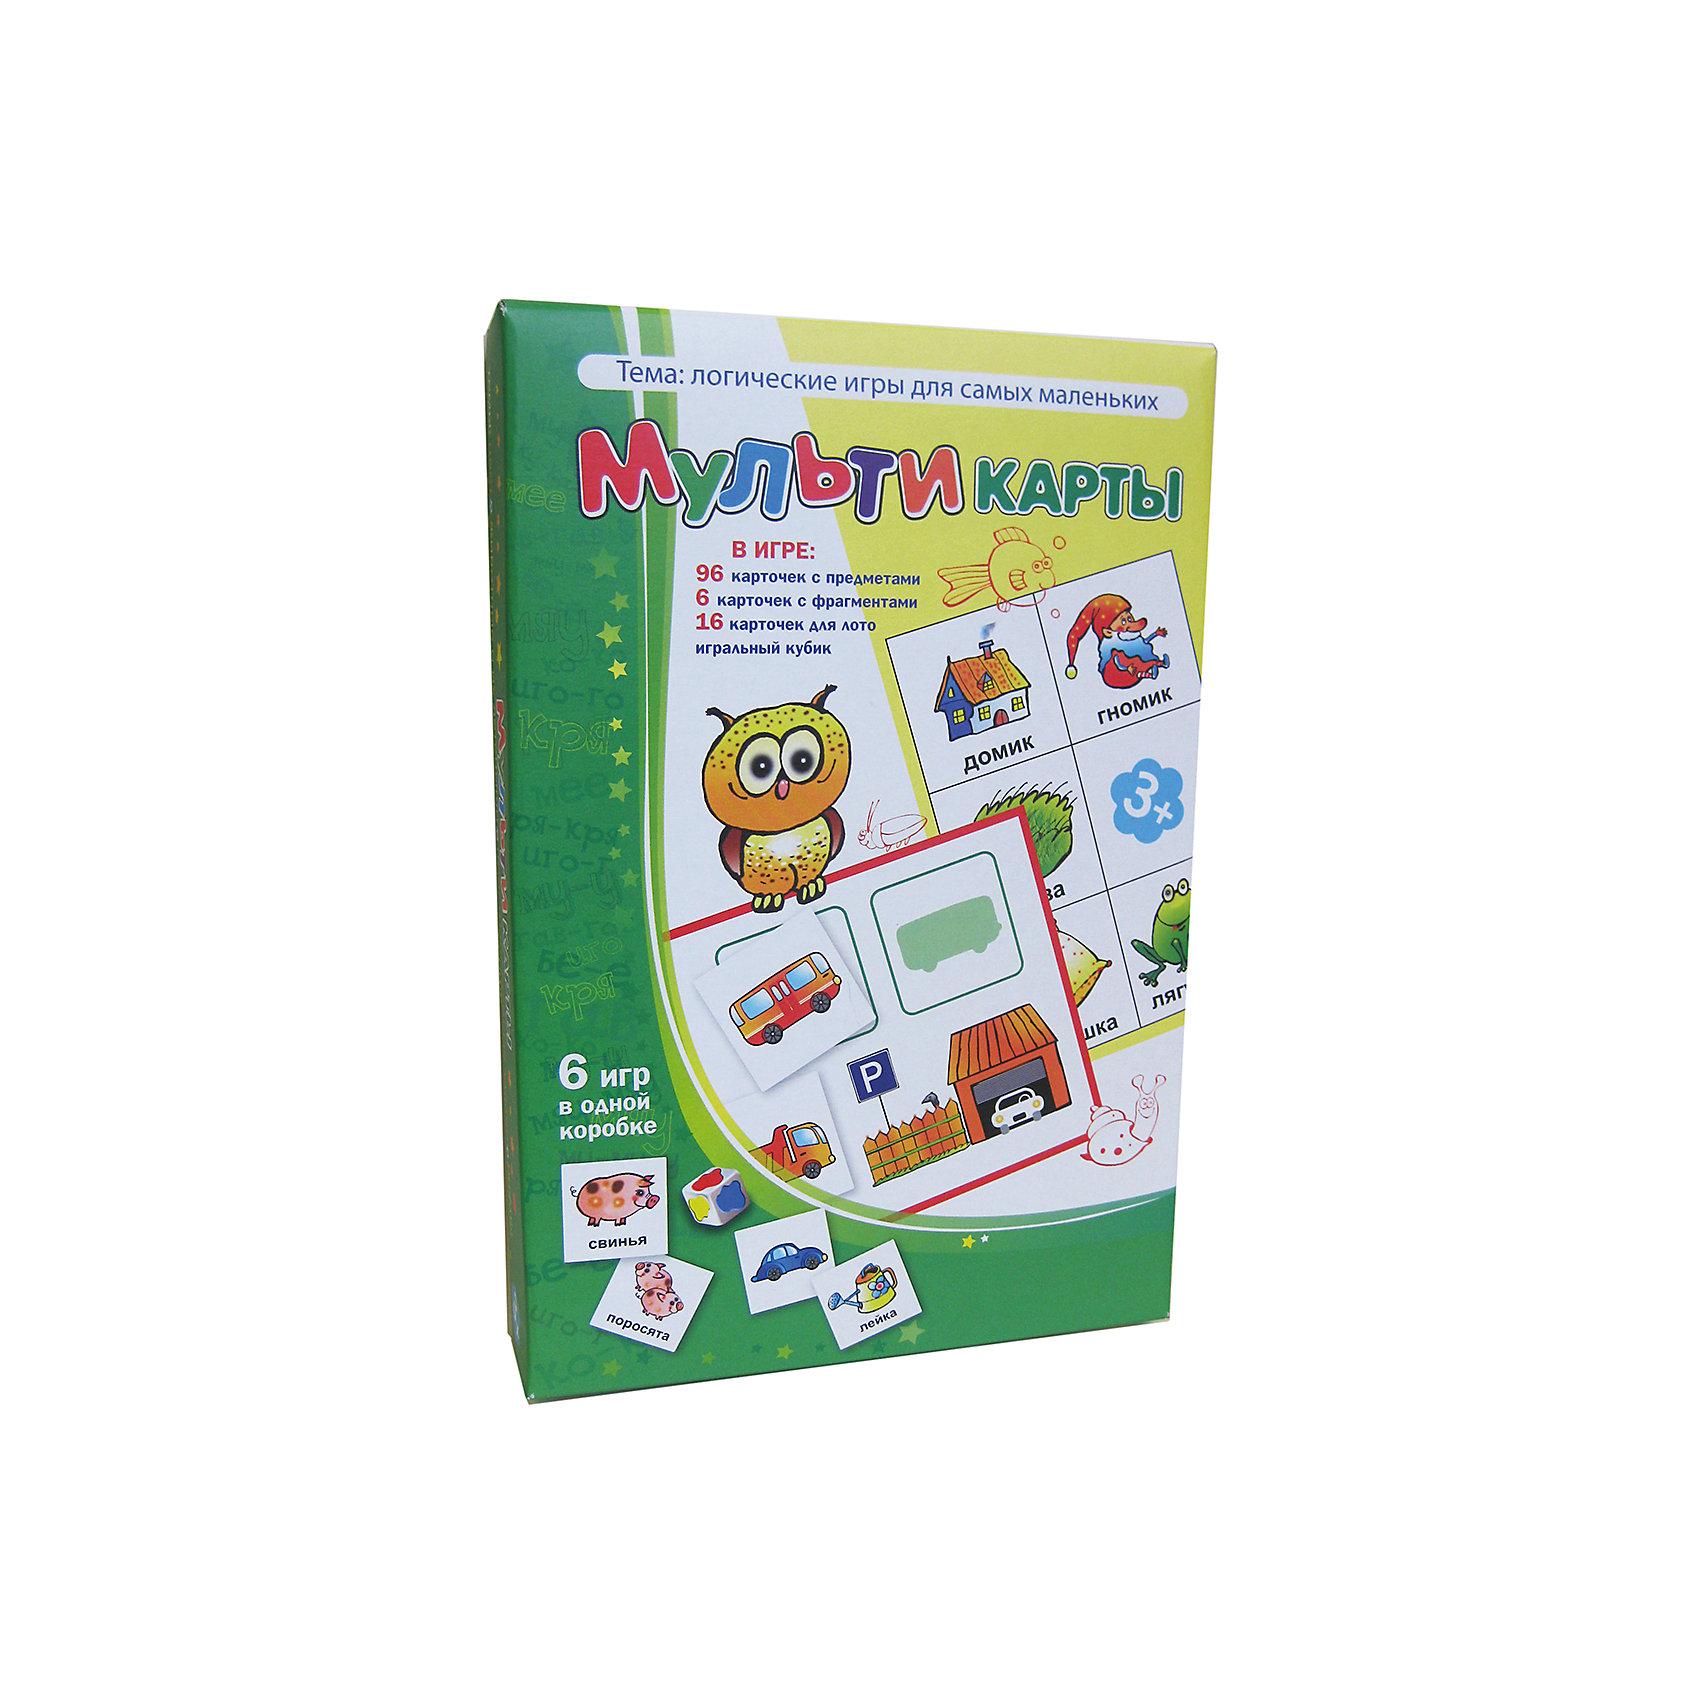 Мультикарты, Игротека Татьяны БарчанЛото<br>Мультикарты, Игротека Татьяны Барчан.<br><br>Характеристики:<br><br>• Для детей в возрасте: от 3 до 5 лет<br>• В комплекте: 96 карточек 4-х цветов с изображениями предметов, 6 синих карточек для игры в лото «Хвостики и носики», 8 красных карточек с «гаражами» для игры лото «Стоянка машин», 8 жёлтых карточек для игры в рифмы, игральный кубик, наклейки для кубика, инструкция<br>• Тема: Логические игры для самых маленьких<br>• Материал: плотный качественный картон<br>• Производитель: ЦОТР Ребус (Россия)<br>• Упаковка: картонная коробка<br>• Размер упаковки: 268х182х42 мм.<br>• Вес: 362 гр.<br><br>Эта игра недаром называется «Мульти...»  Она очень нравится малышам! Основной игровой материал большой: 96 карточек с изображениями предметов, животных, машинок. Есть деревянный кубик и наклейки для него («кляксы» жёлтого, синего, красного и зелёного цвета). И ещё в игре – 22 карточки для игры в три лото. <br><br>Малыш будет играть и учиться одновременно: цвет, форма, сравнение, нахождение предмета по двум признакам, животные и их детёныши, «прятки»- «мемори» и даже подбор рифмующихся слов – всё трудные темы предложены в понятной и доступной для малышей форме. Варианты заданий могут усложняться. Игра Мультикарты станет первой логической настольной игрой для вашего малыша.<br><br>Игру Мультикарты, Игротека Татьяны Барчан можно купить в нашем интернет-магазине.<br><br>Ширина мм: 270<br>Глубина мм: 180<br>Высота мм: 40<br>Вес г: 362<br>Возраст от месяцев: 36<br>Возраст до месяцев: 60<br>Пол: Унисекс<br>Возраст: Детский<br>SKU: 6751331